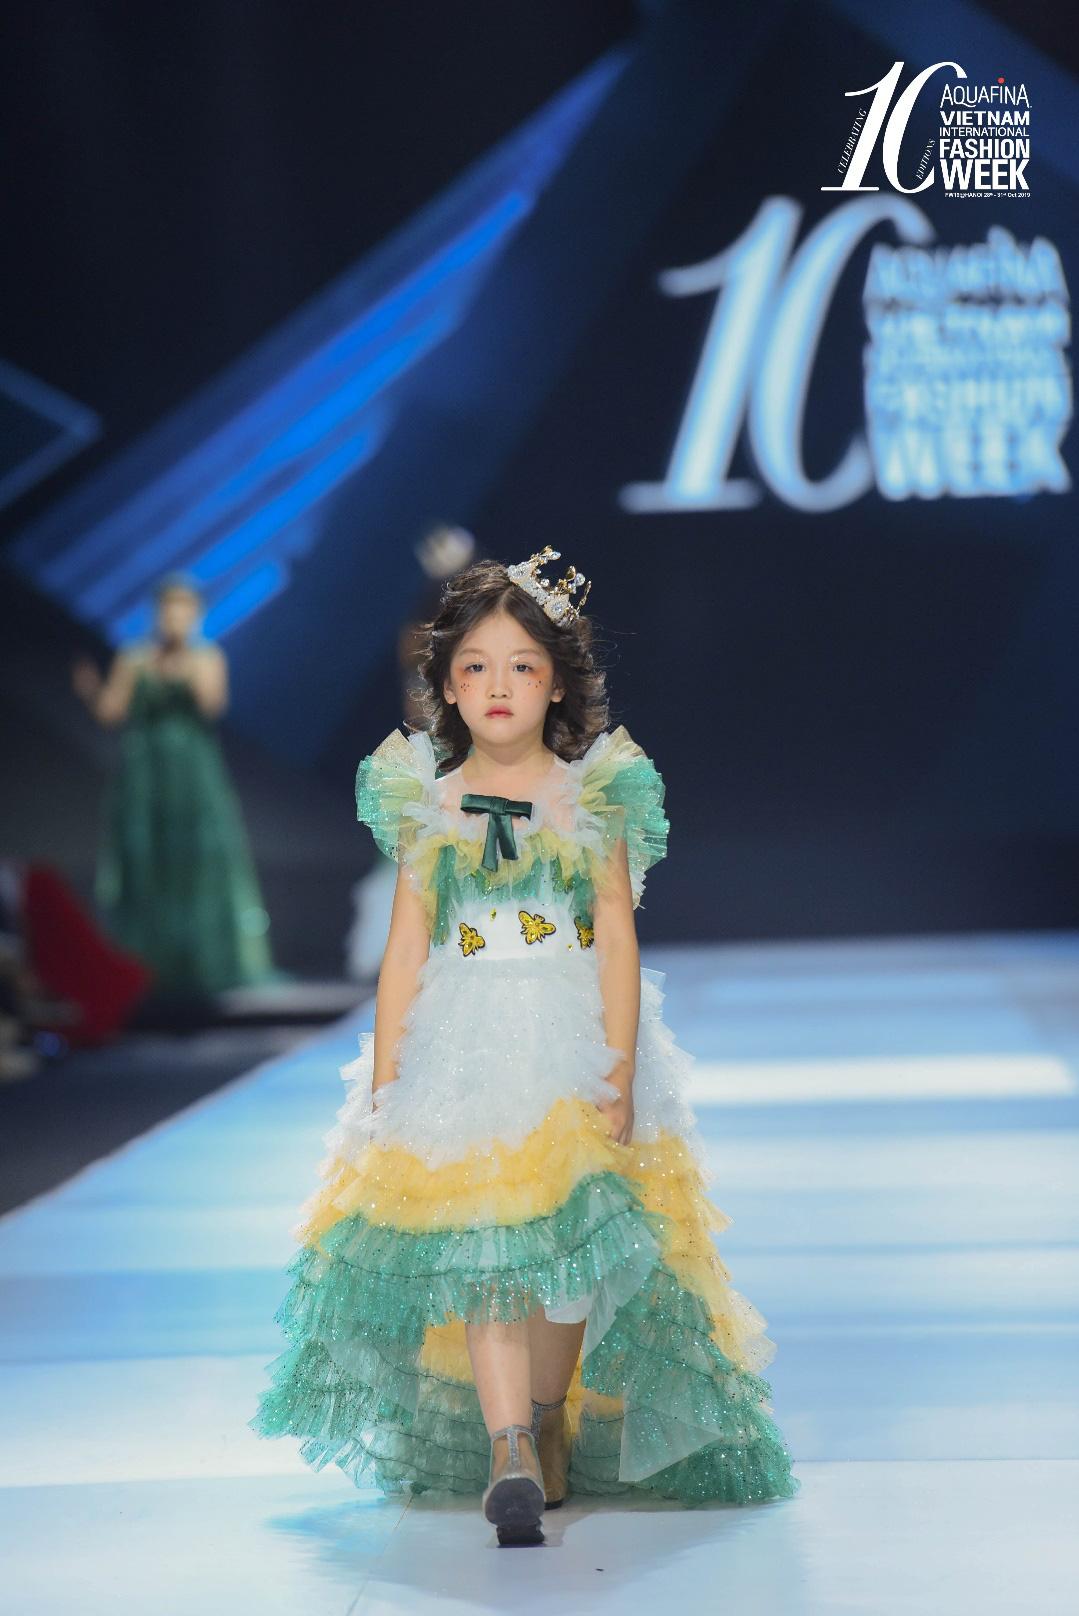 """Điểm sáng khiến giới mộ điệu """"trầm trồ"""" tại Tuần lễ Thời trang Quốc tế Việt Nam 2019 - Ảnh 3."""